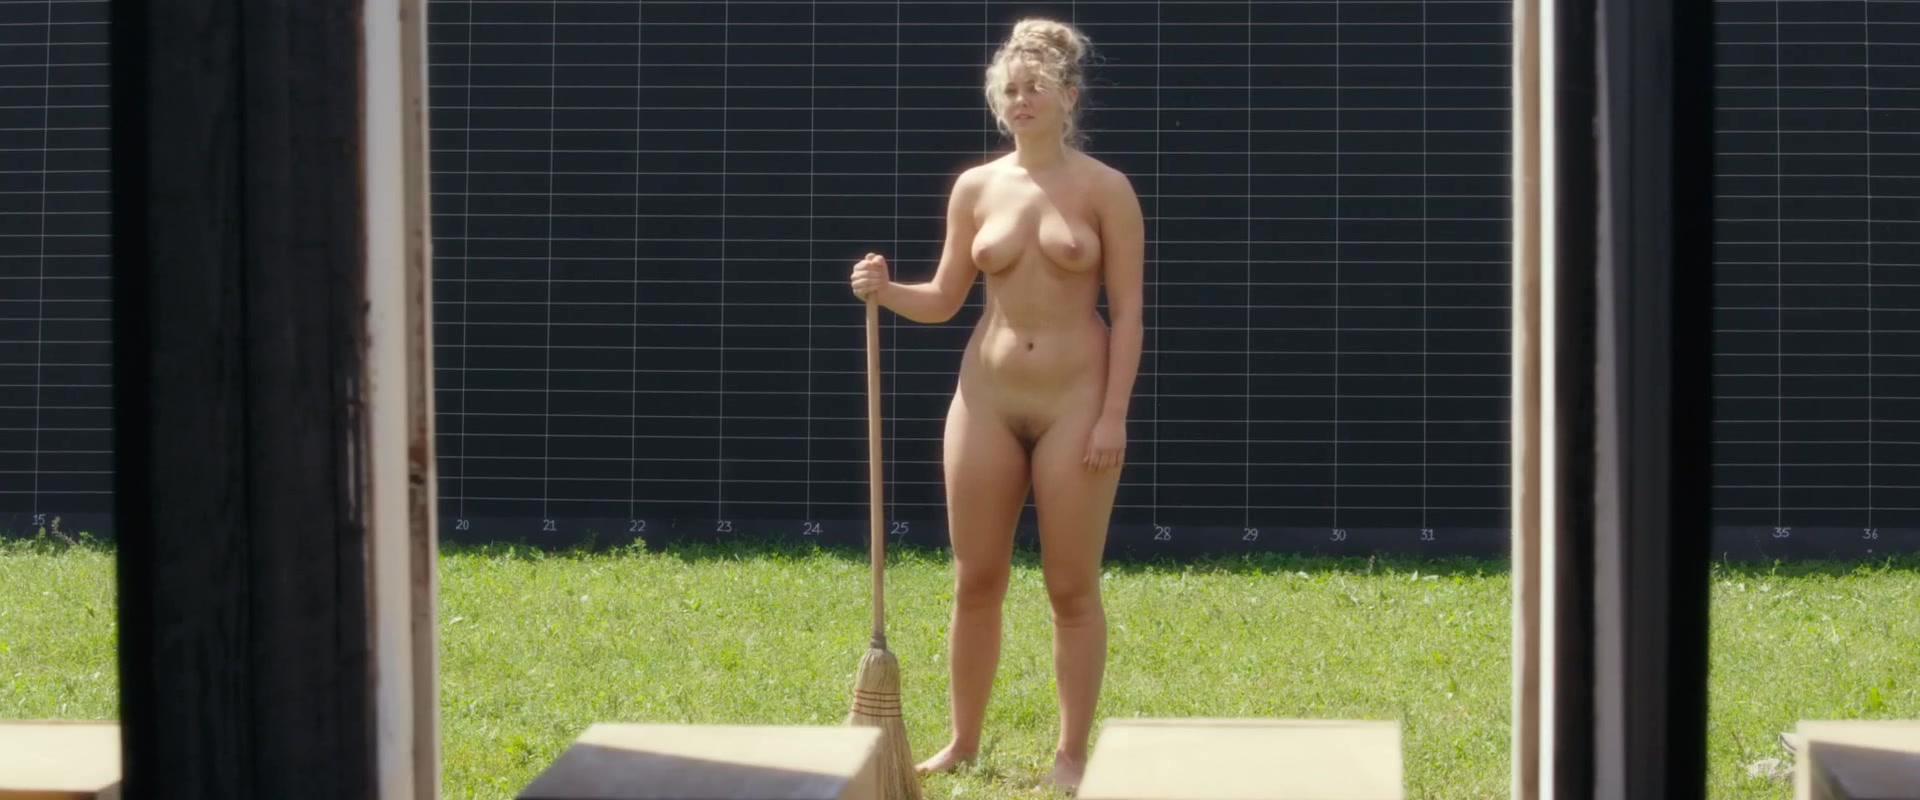 Sara canning nackt